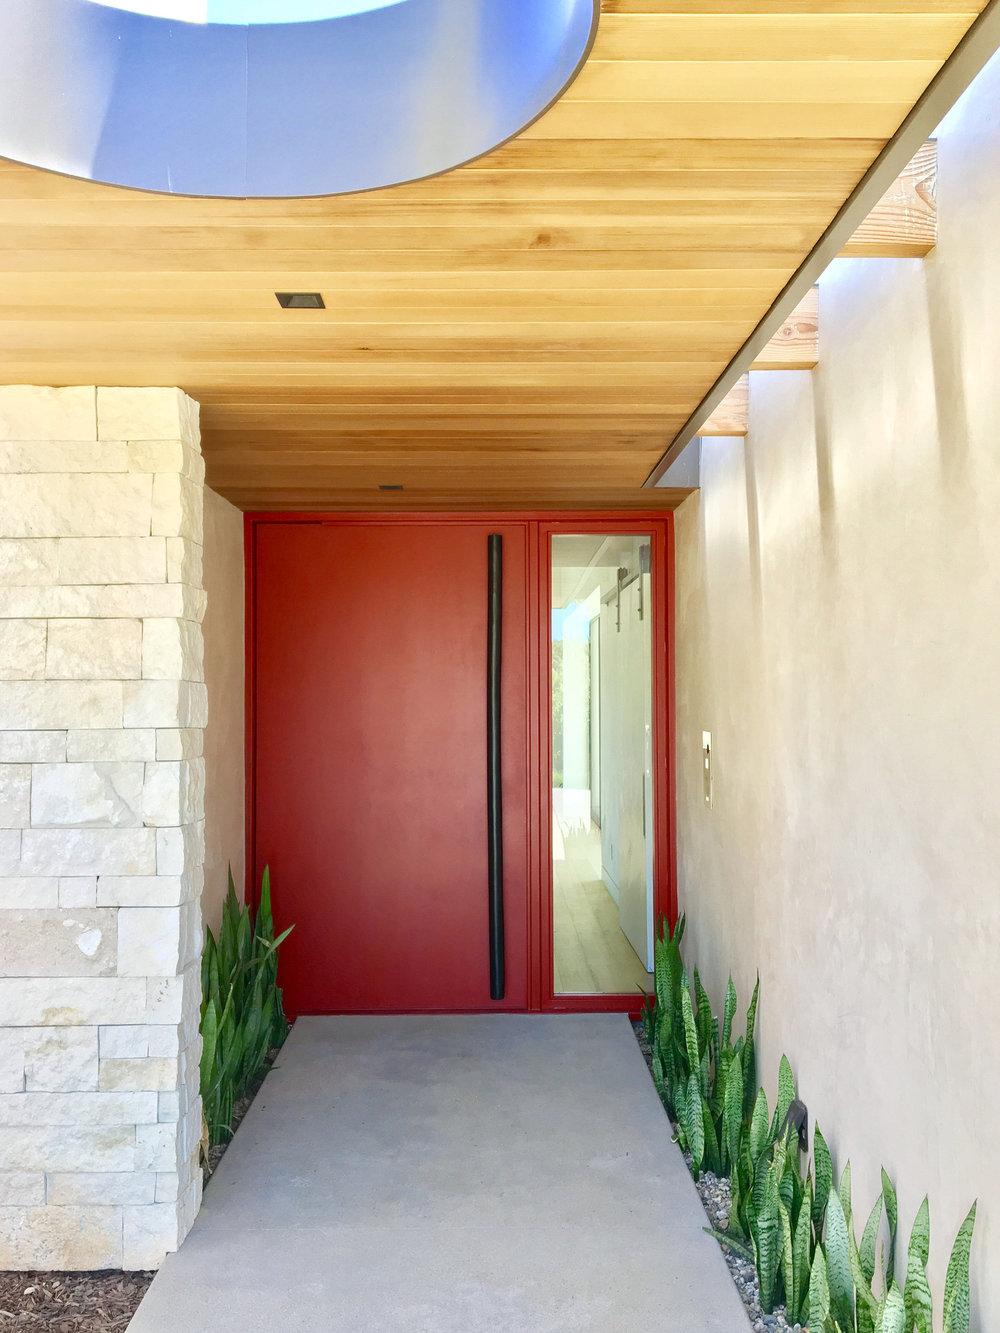 SULLIVAN   Steel Entry Pivot Door, Barn Door Hardware & Architectural Window Trim Detail